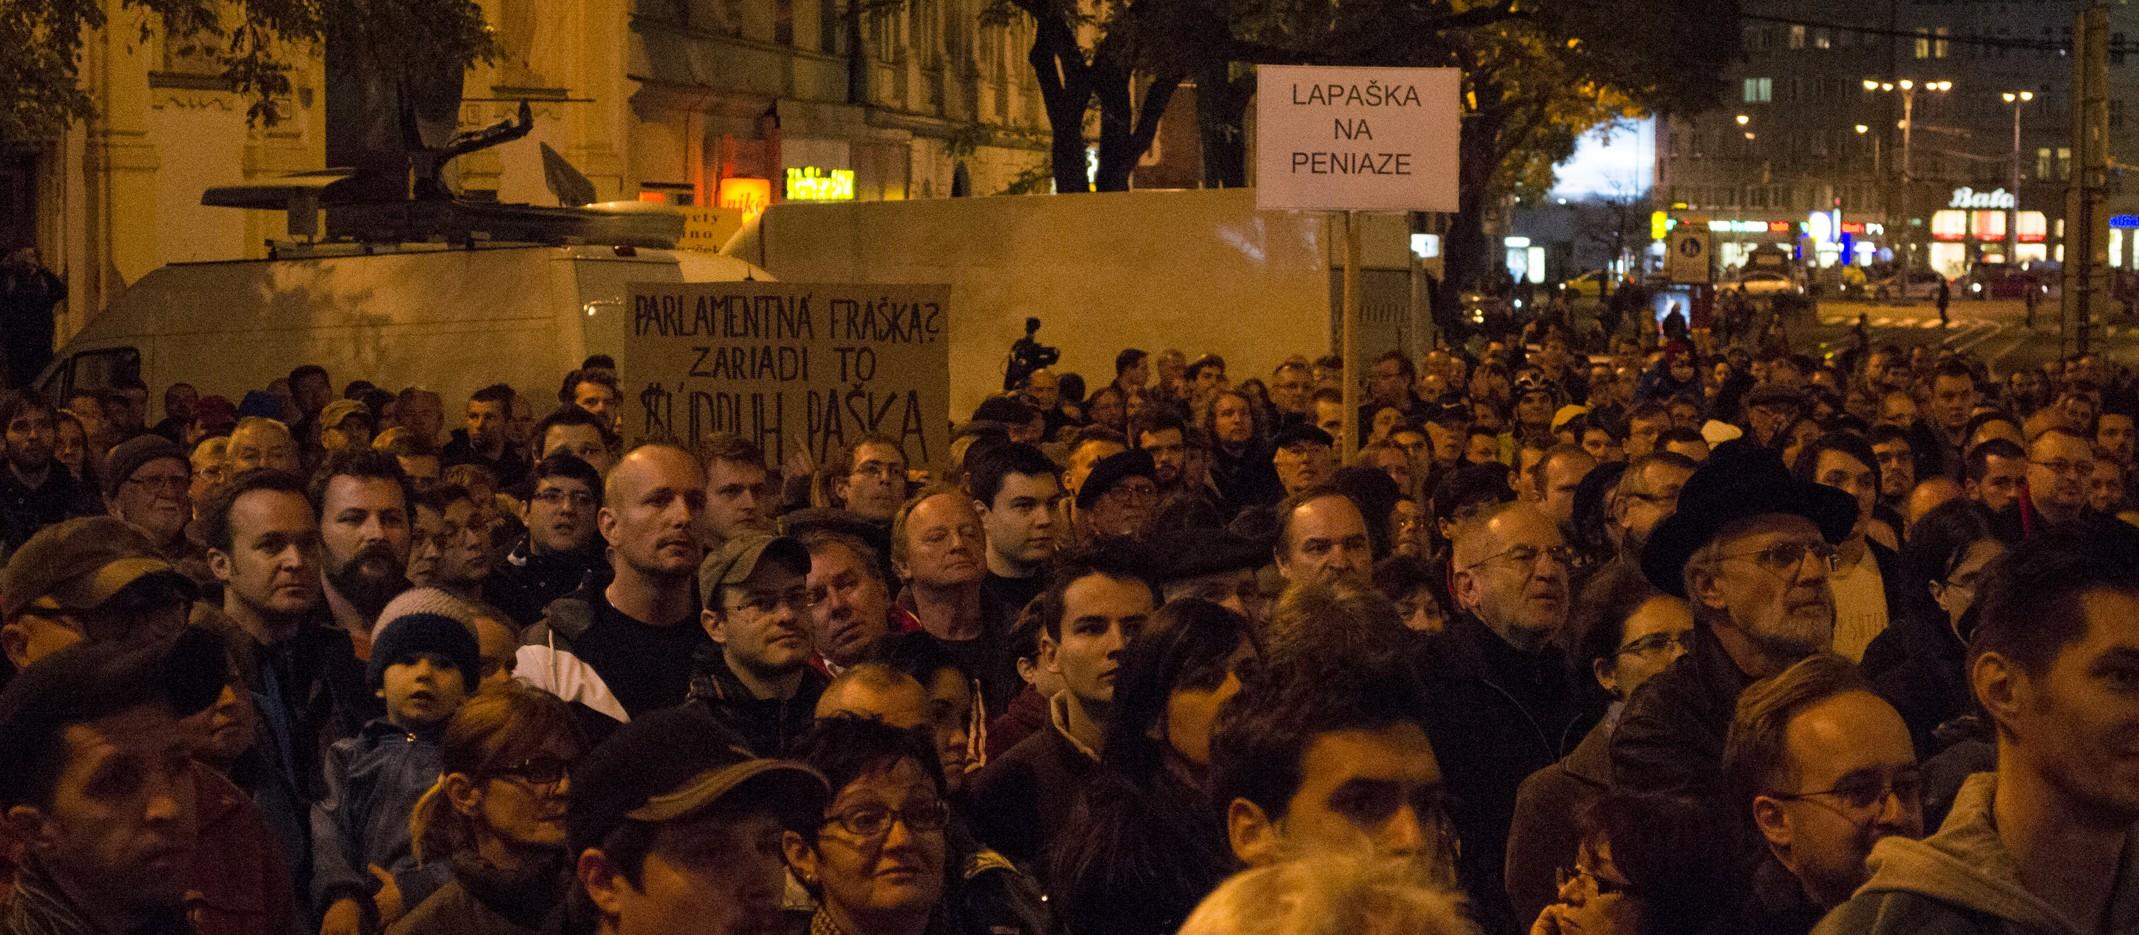 FOTOREPORTÁŽ: Námestie SNP po 25 rokoch opäť plné protestujúcich. Žiadajú odvolanie Pašku